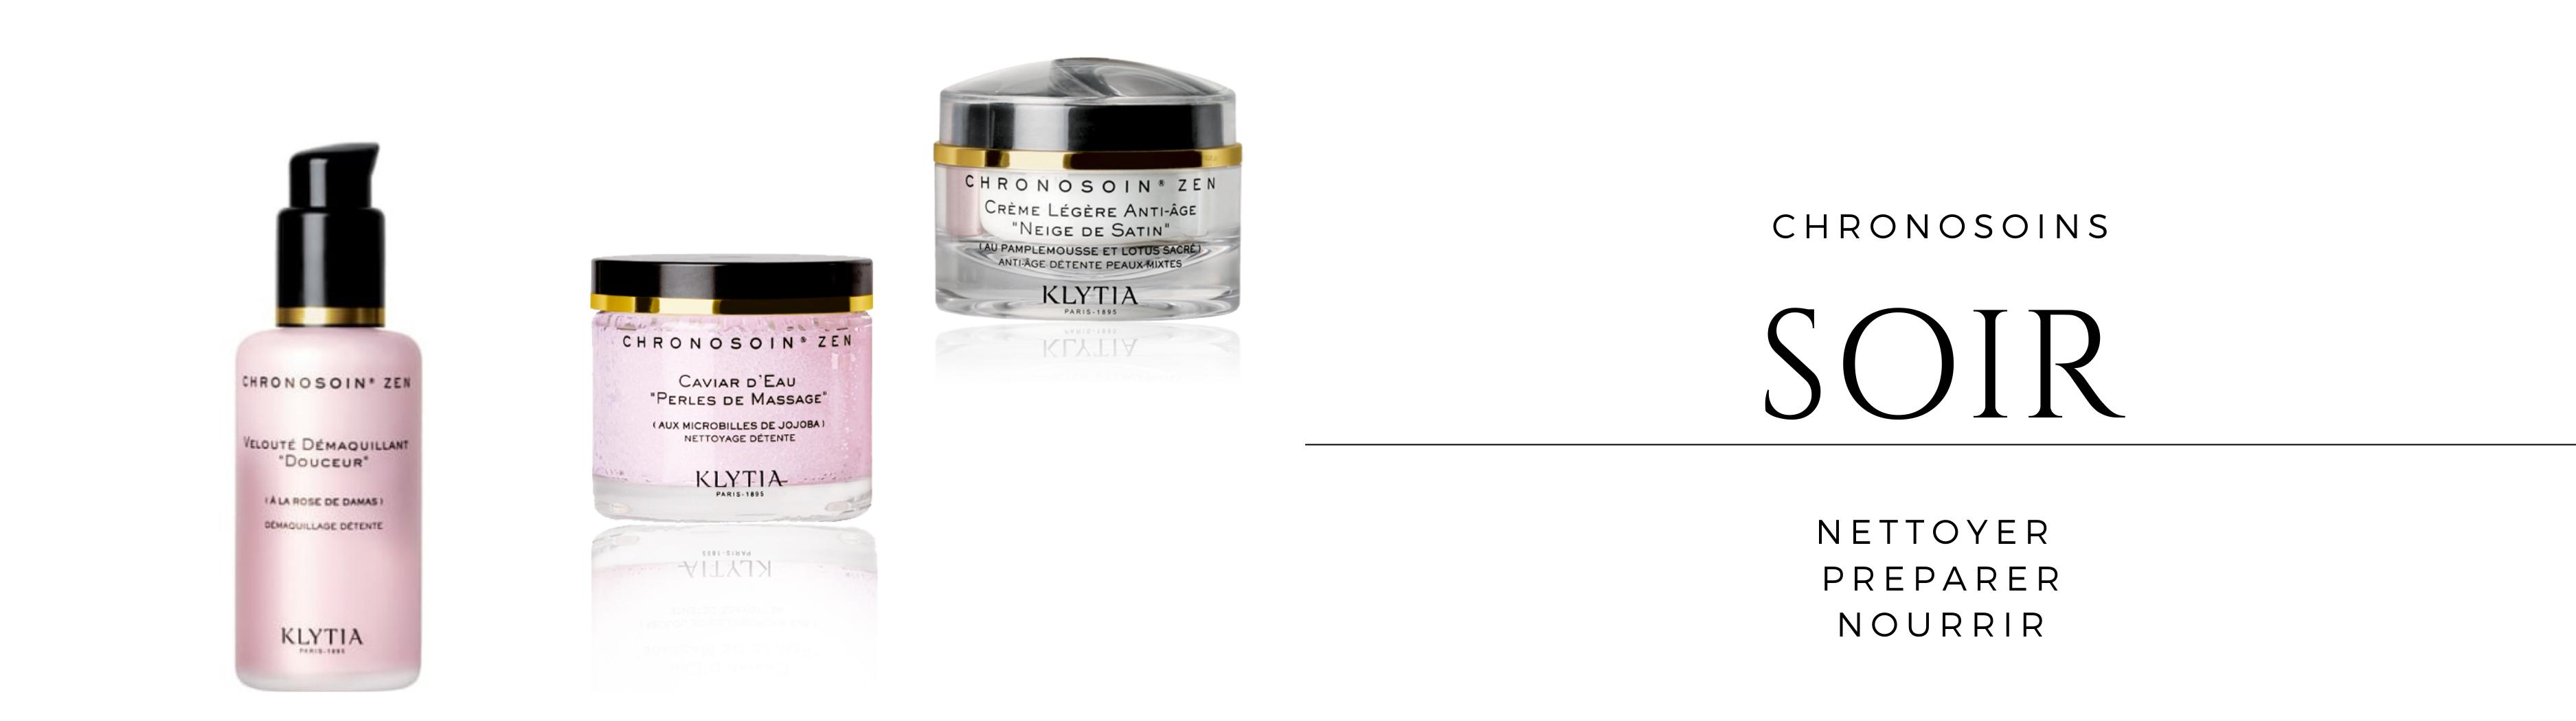 Chronosoins ZEN Klytia Paris For the Needs of Skin At Night